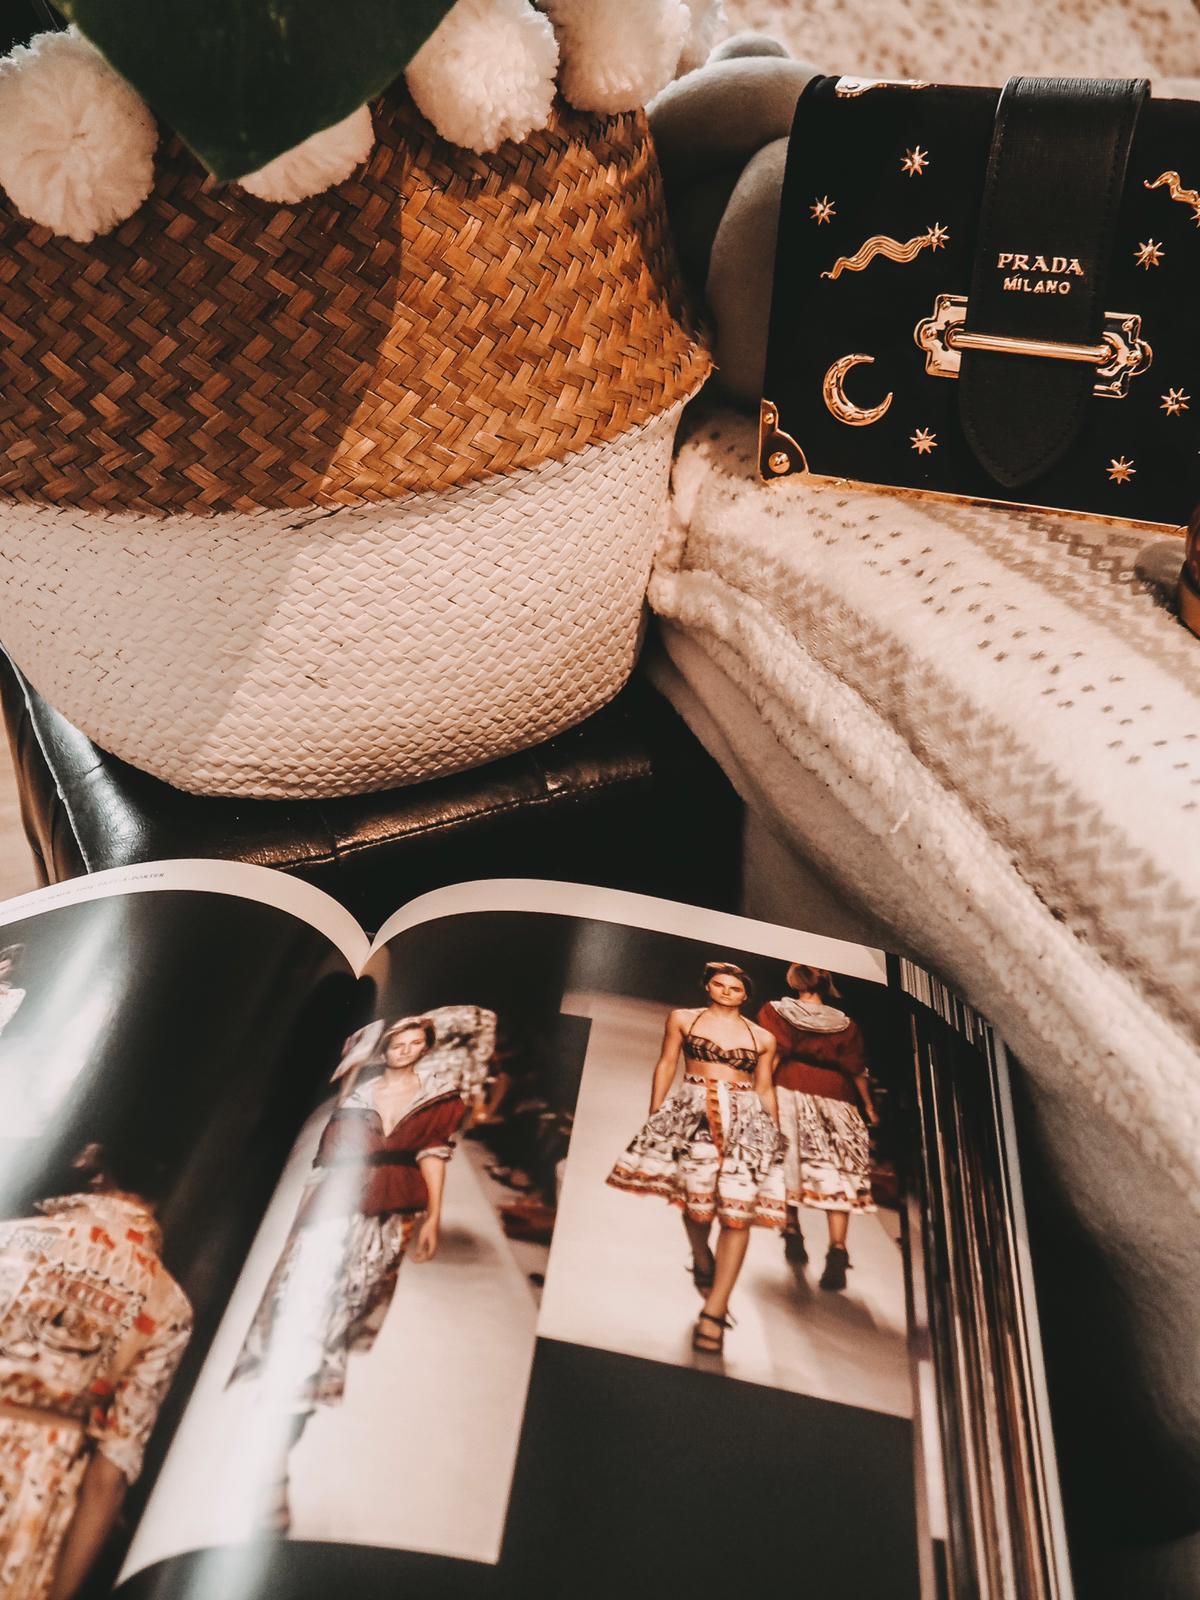 Ich war sehr begeistert das BuchPrada Catwalk in meinen Händen zu halten, das am 04.11.2019 im Prestel Verlag erschien. Mehr dazu auf dem Fashion Blog !!!